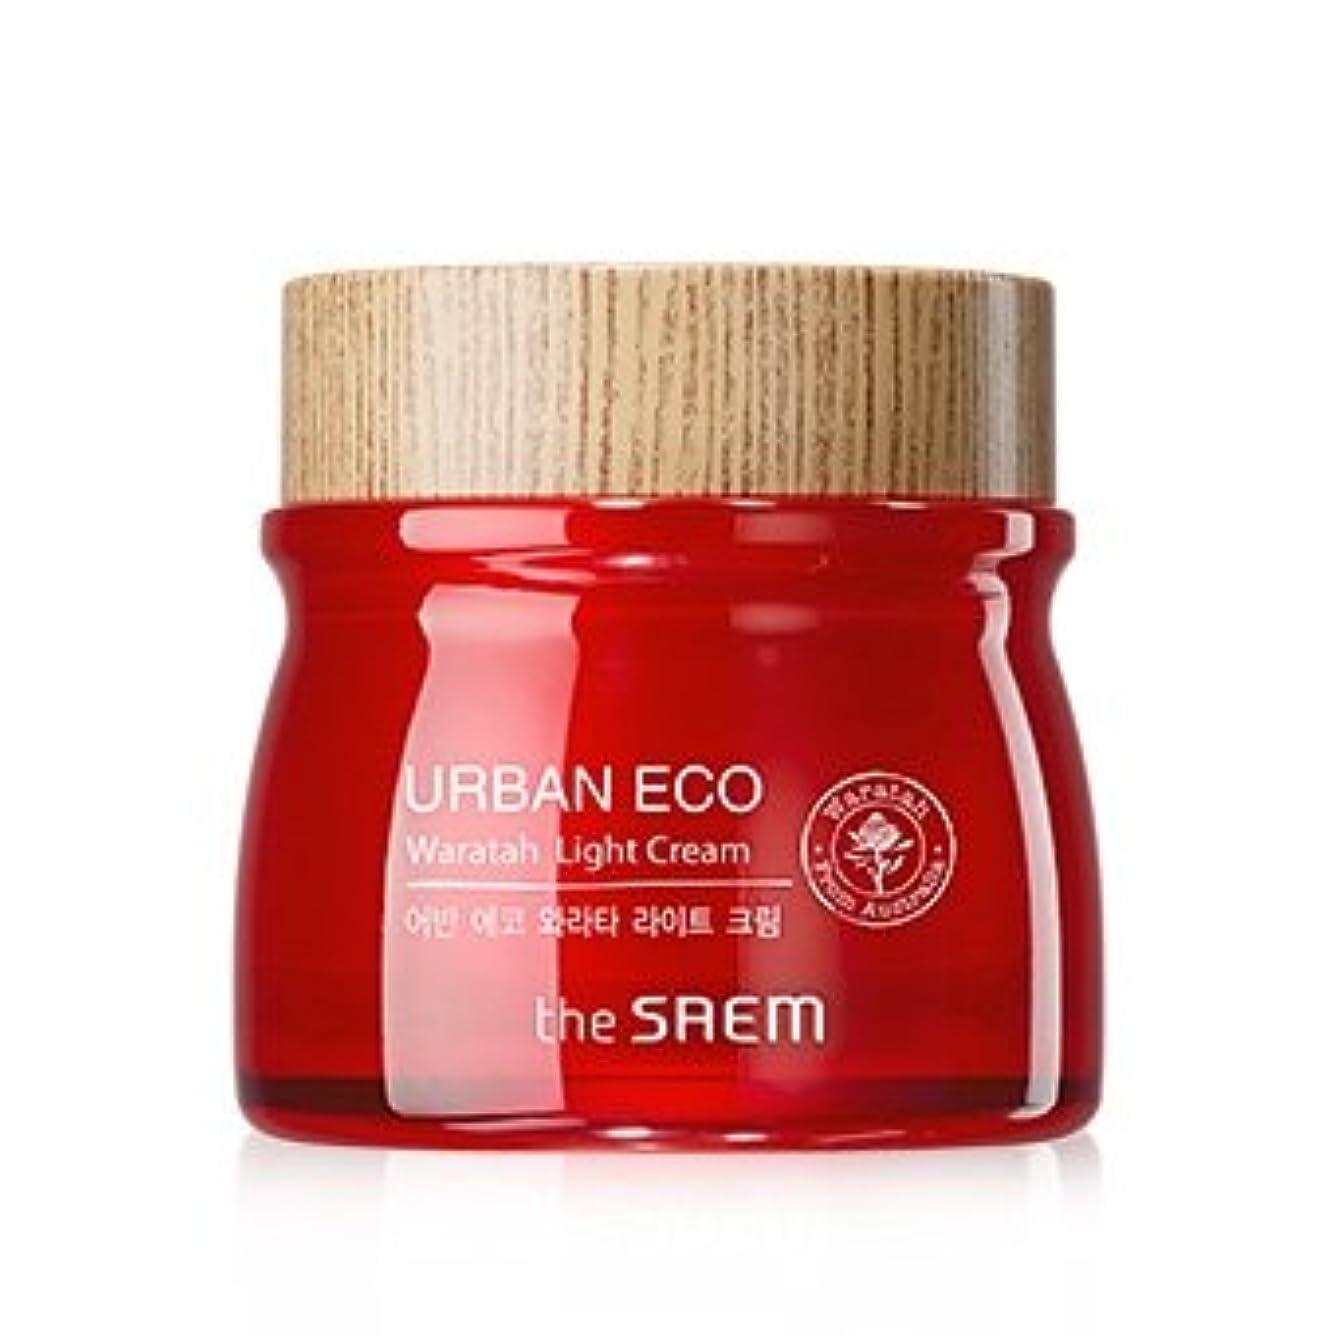 役に立たない枕社会科The Saem Urban Eco Waratah Light Cream 60ml ドセム アーバンエコワラターライトクリーム60ml[並行輸入品]